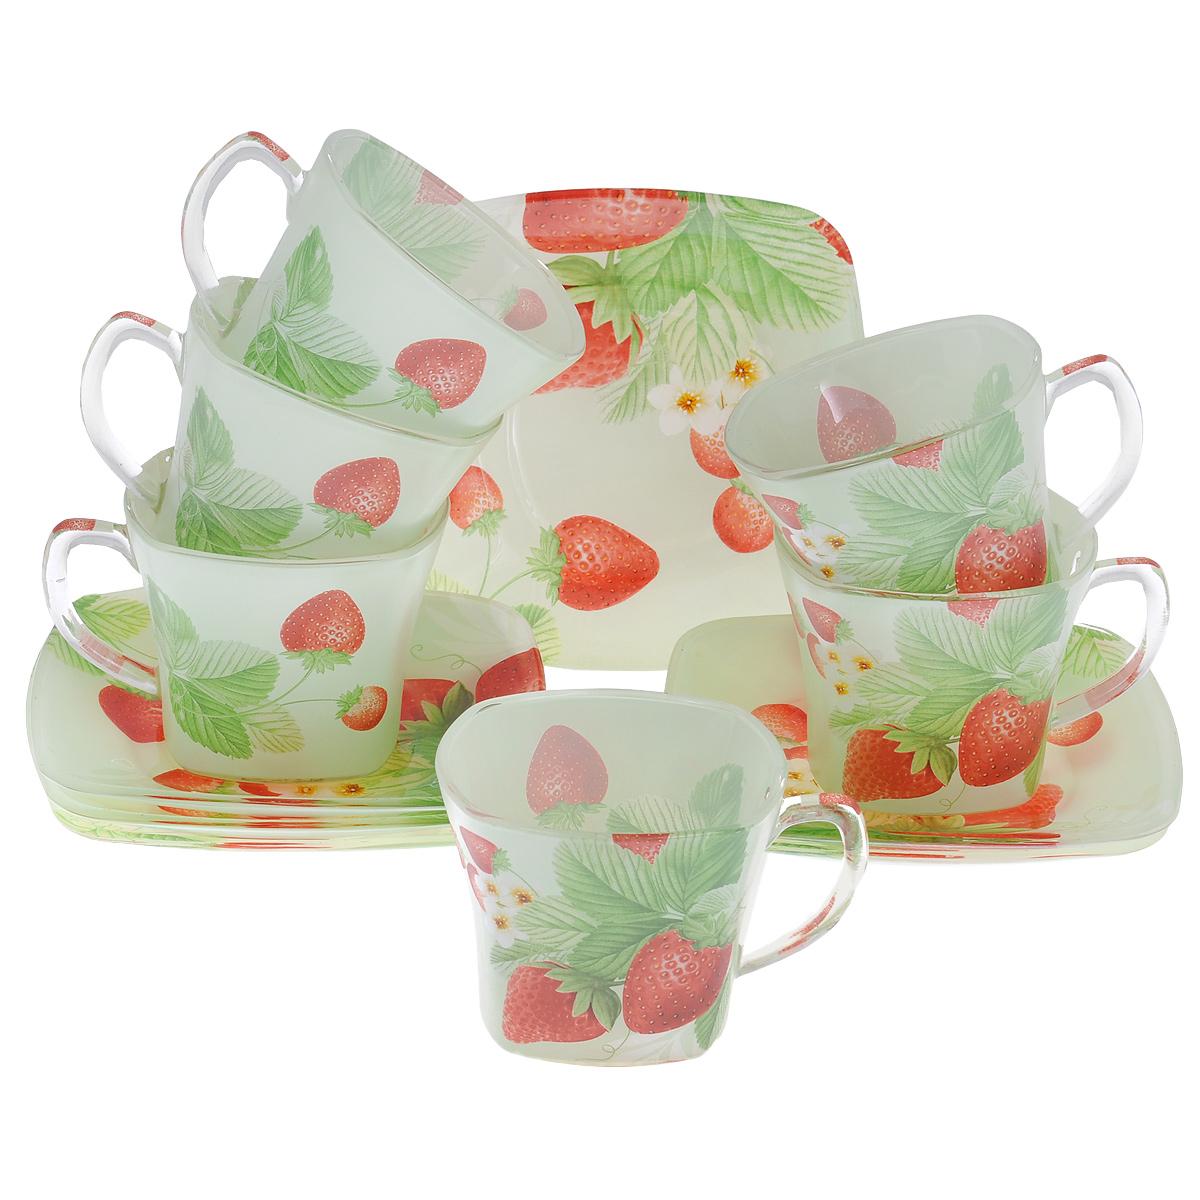 Набор посуды Клубника, 12 предметовVT-1520(SR)Набор посуды состоит из 6 блюдец и 6 чашек. Изделия выполнены из высококачественного стекла и оформлены изображением ягод клубники. Этот набор эффектно украсит стол, а также прекрасно подойдет для торжественных случаев. Красочность оформления придется по вкусу и ценителям классики, и тем, кто предпочитает утонченность и изящность.